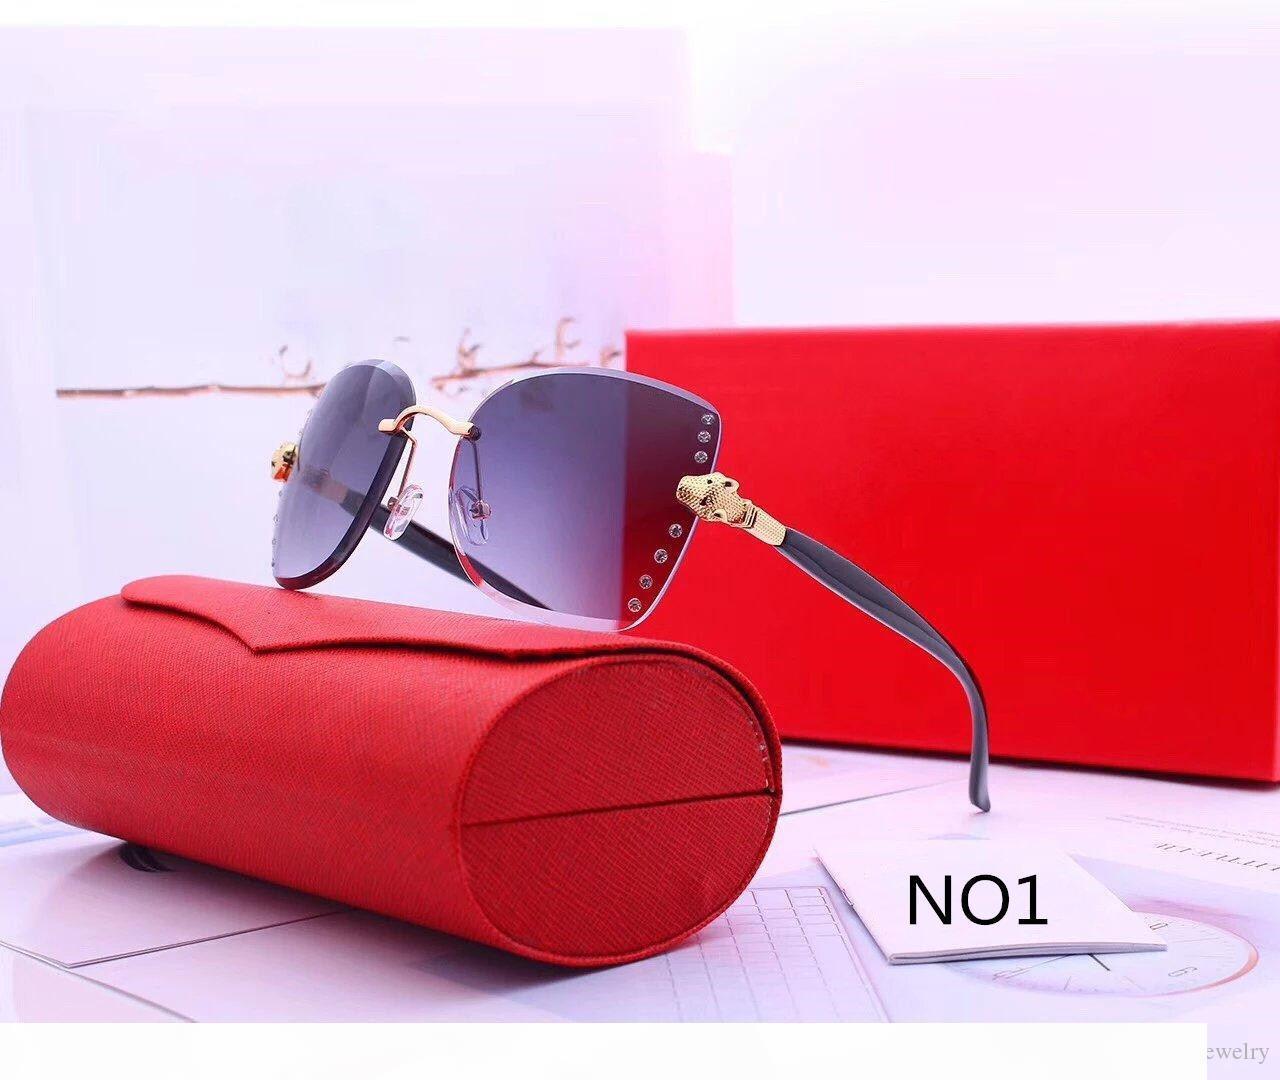 Lunettes de soleil de luxe Womens Designer Lunettes de soleil pour femme Mode Adumbral Lunettes 6 couleur de haute qualité avec la boîte